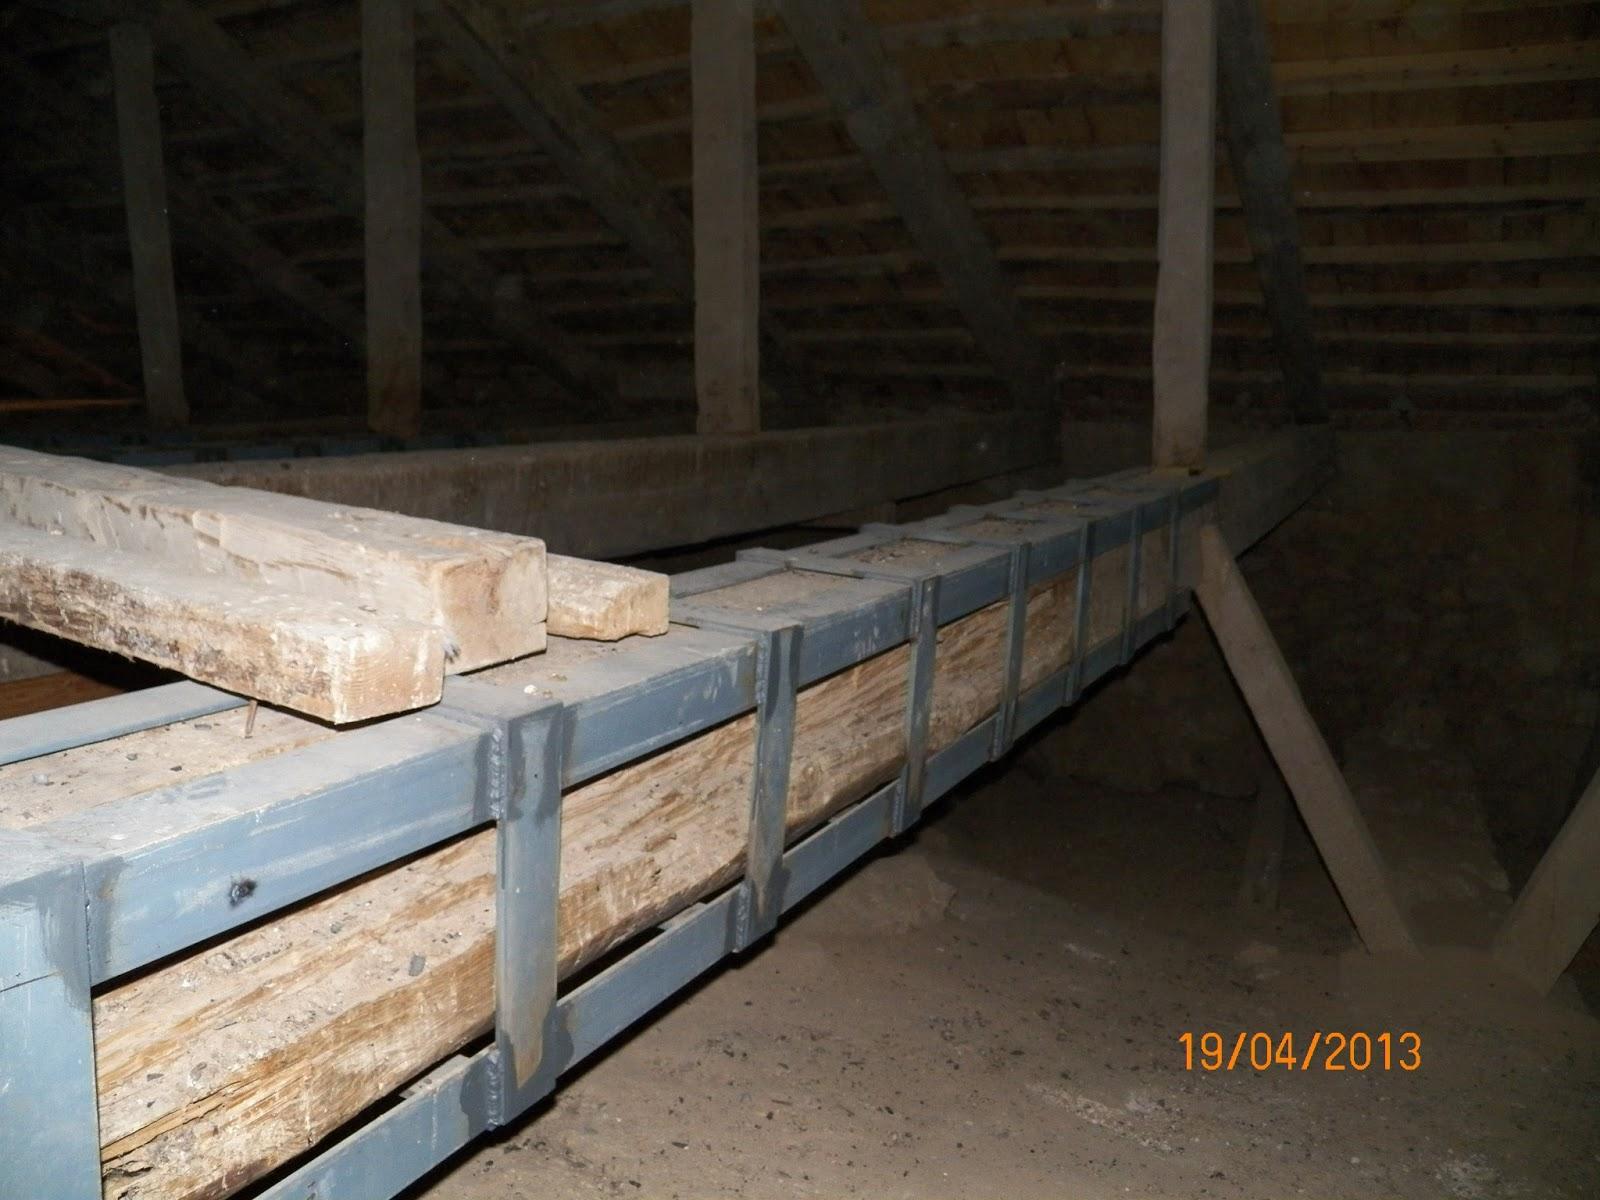 Todo tembleque obras de de la restauraci n de la iglesia - Restaurar vigas de madera ...